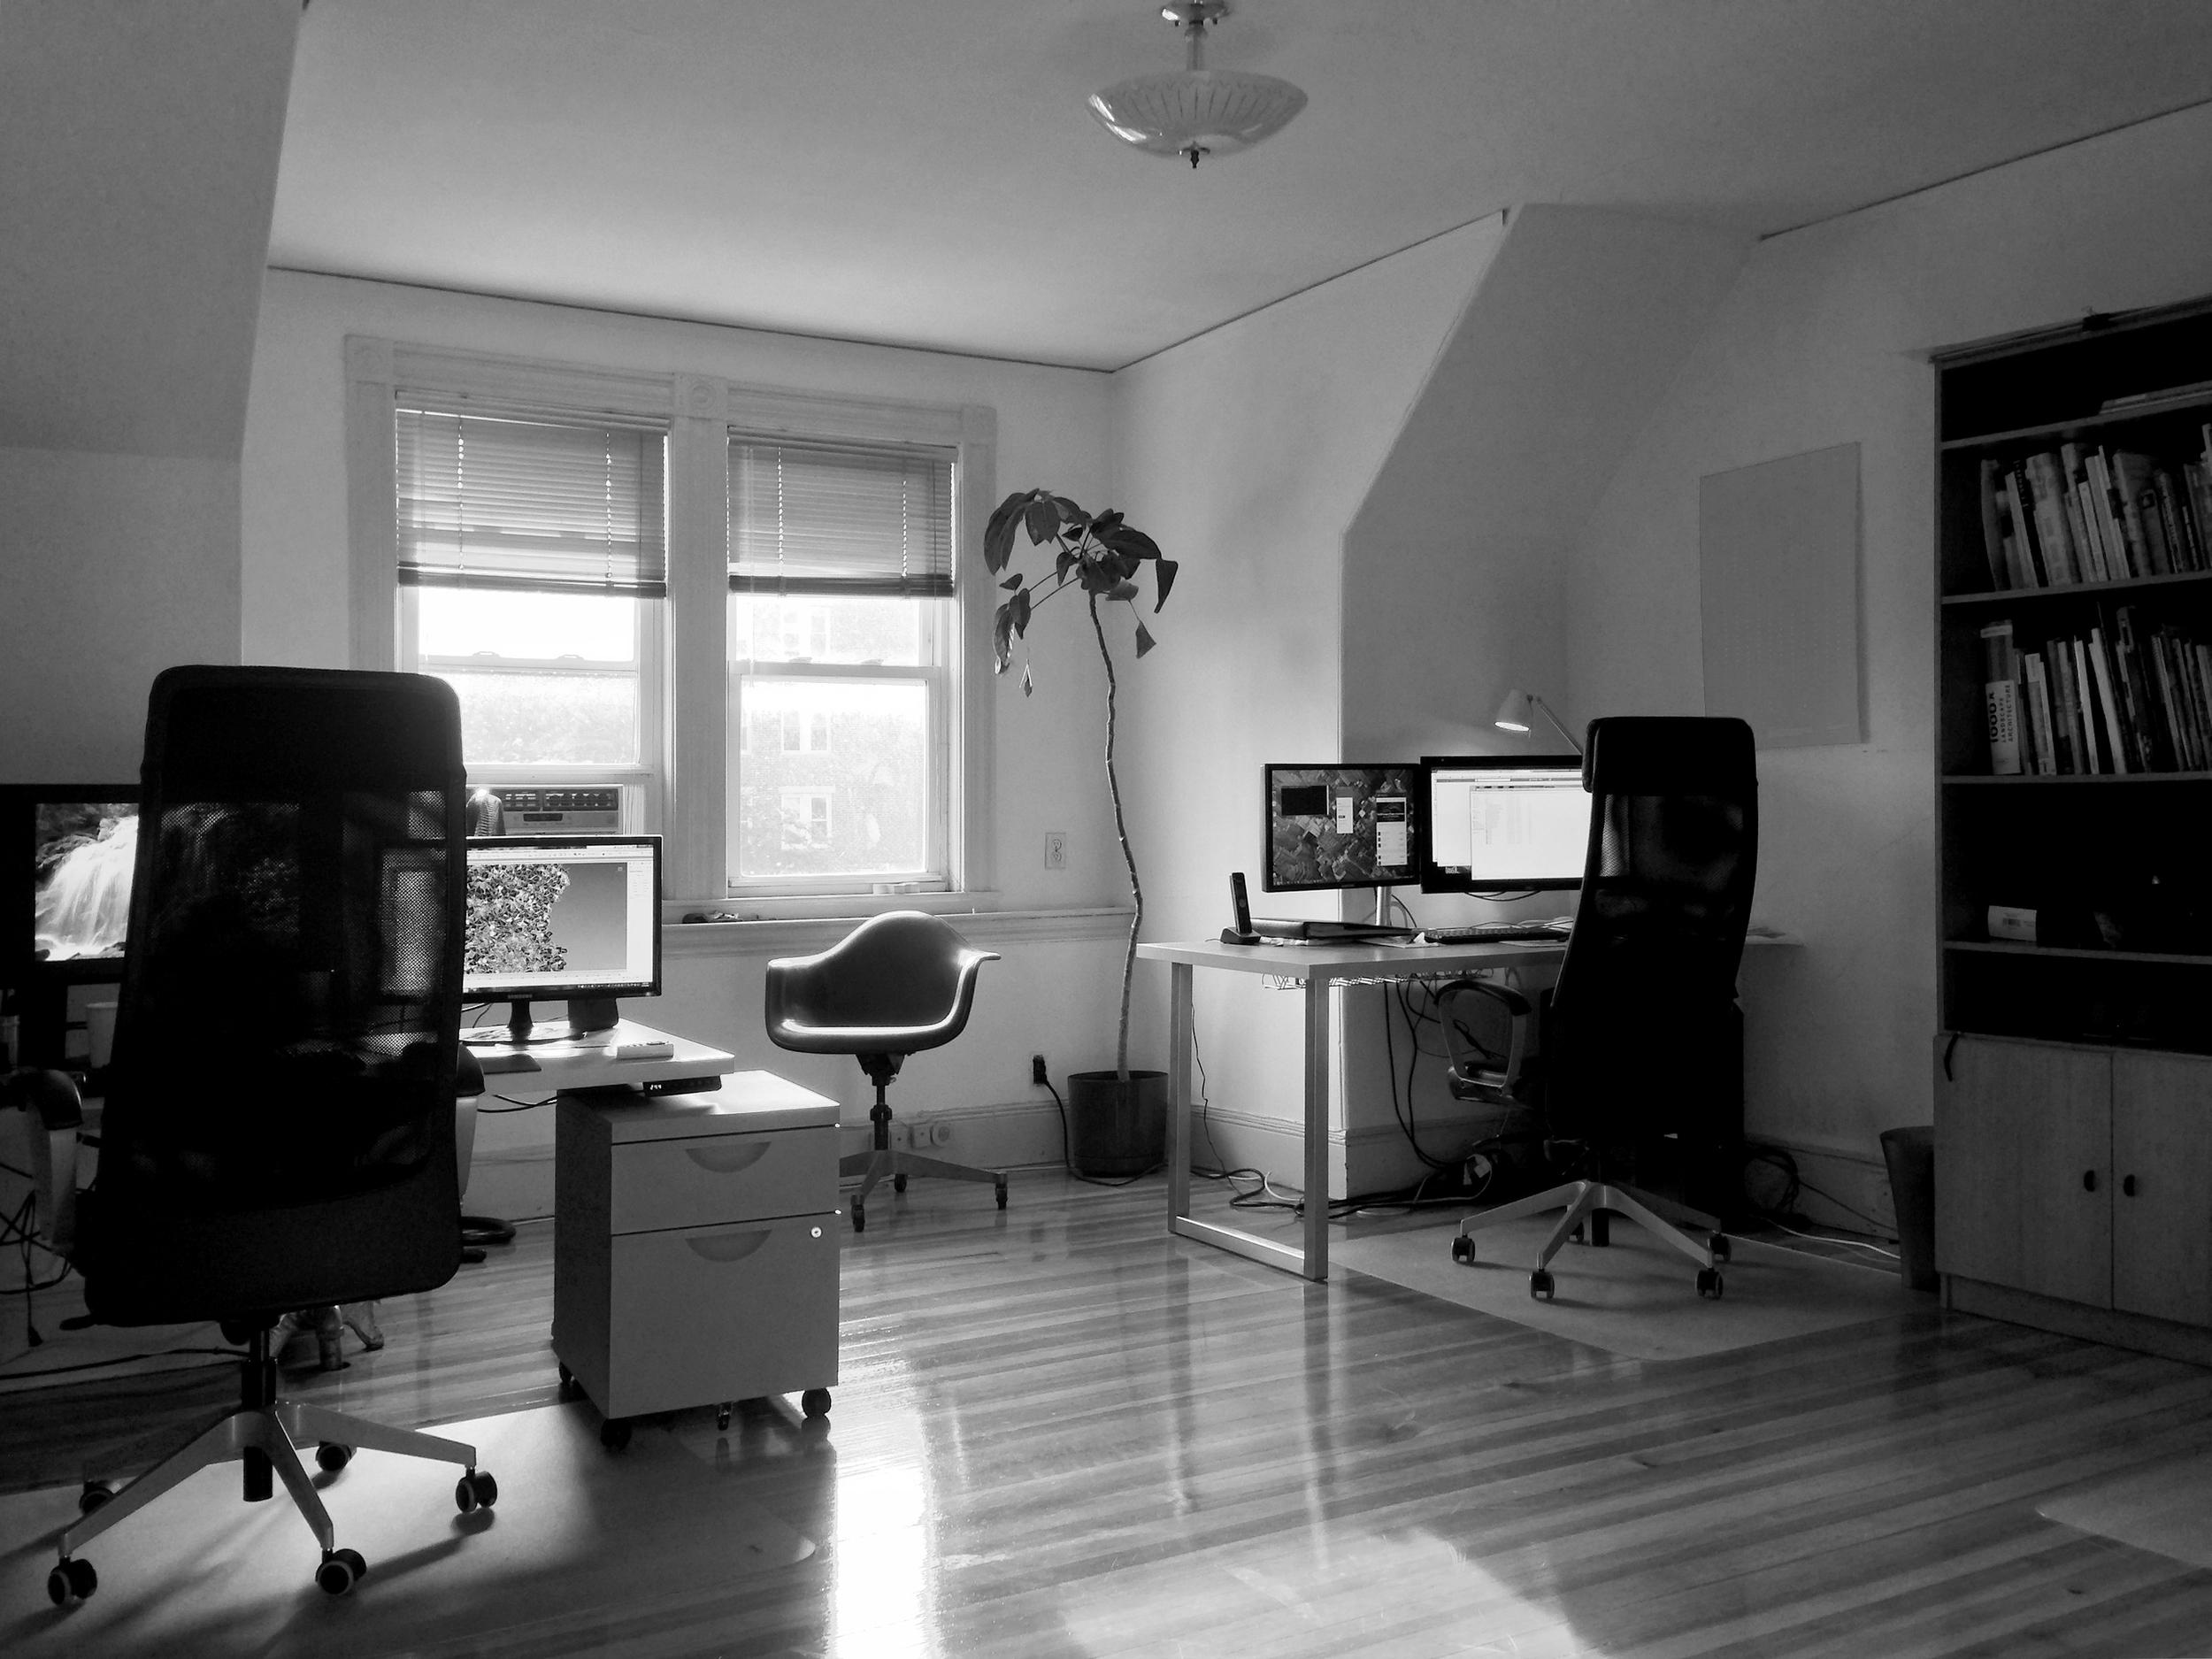 Office_Photo_2015_BlackandWhite.jpg